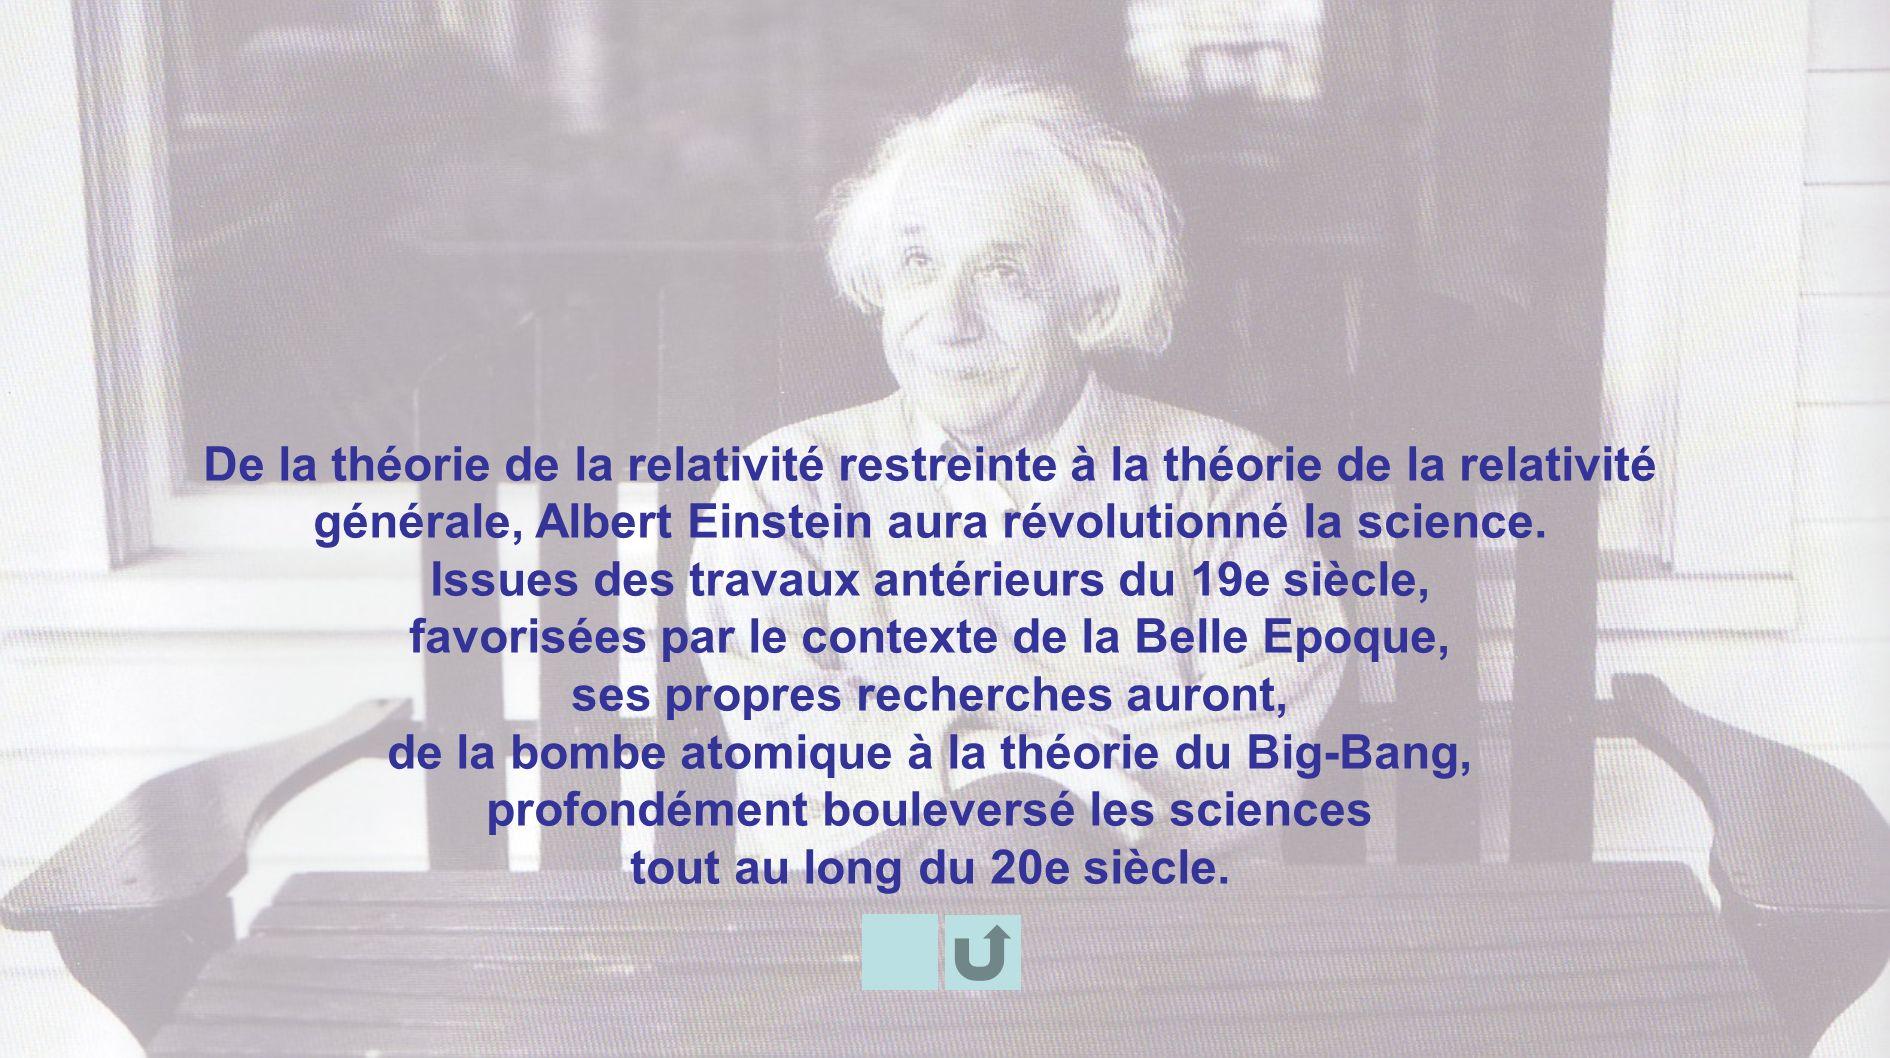 De la théorie de la relativité restreinte à la théorie de la relativité générale, Albert Einstein aura révolutionné la science. Issues des travaux ant